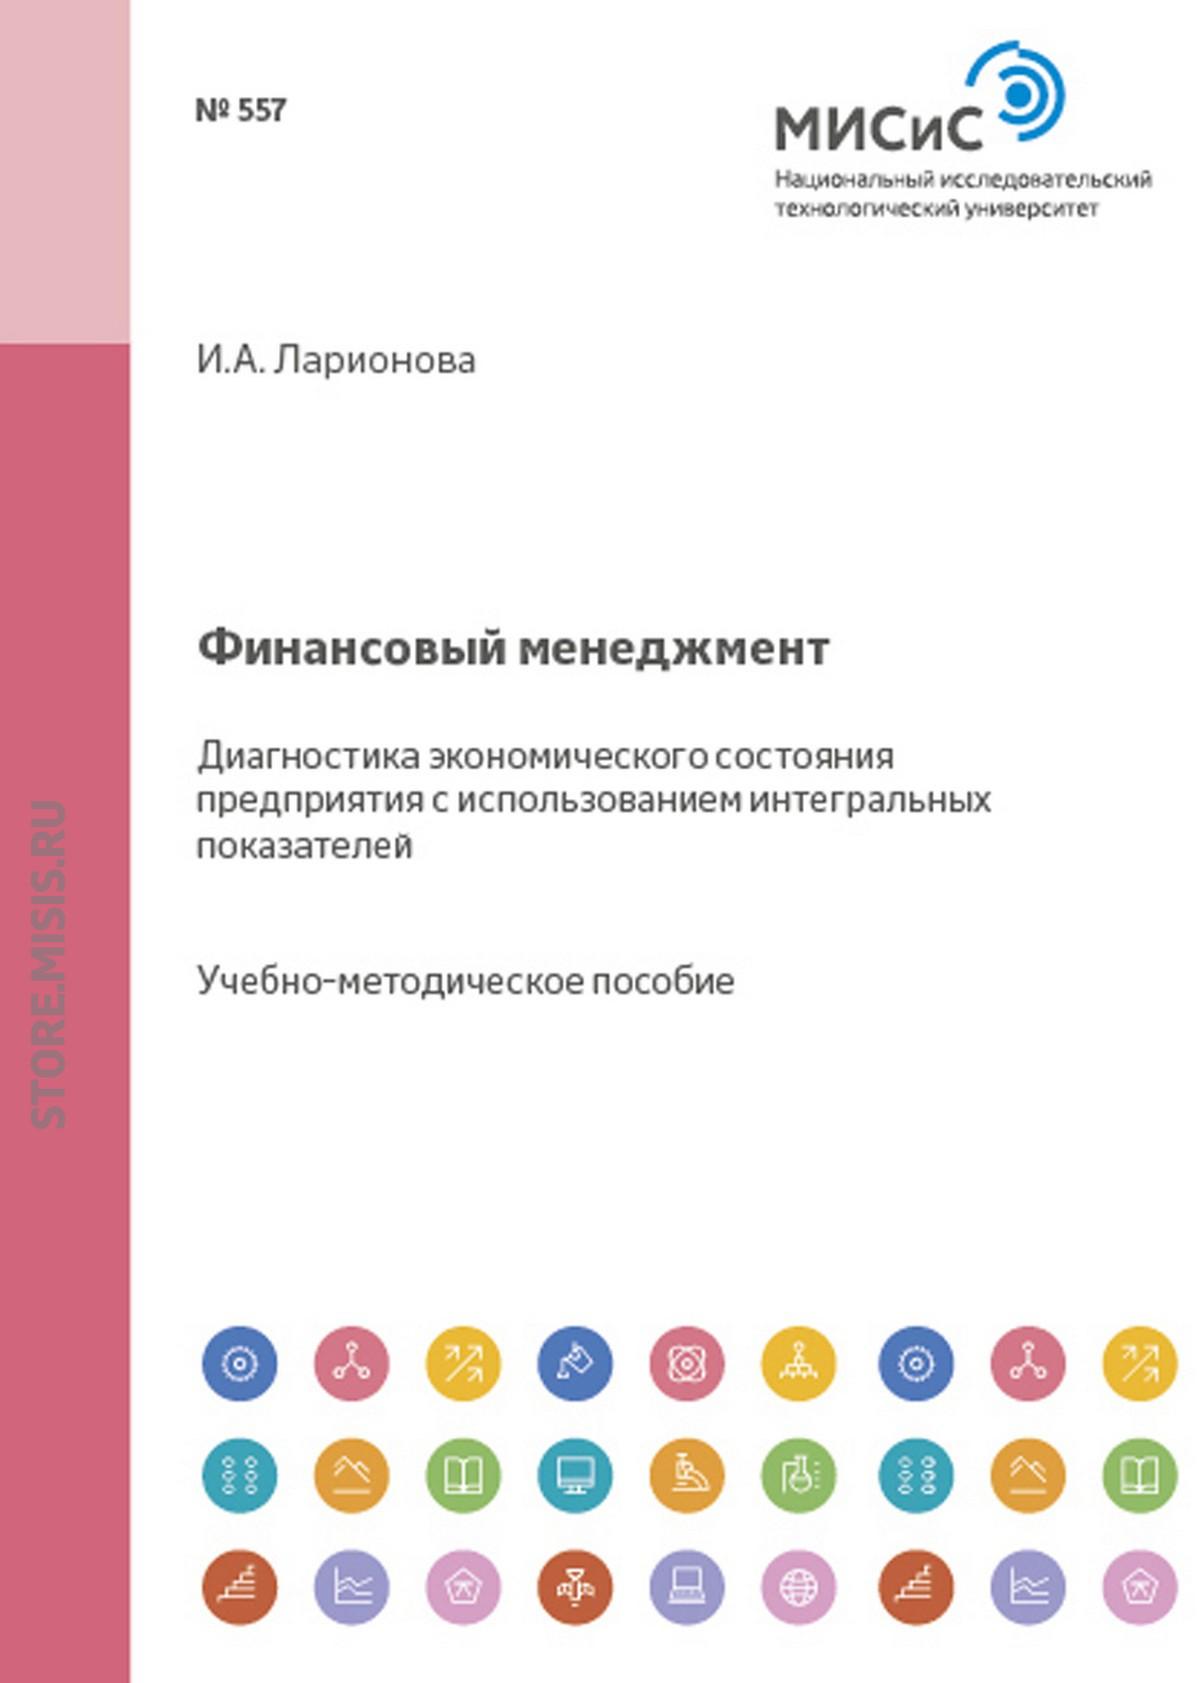 Н.Г. Коржуков Неорганическая химия с в стаханова общая химия типовые экзаменационные билеты по неорганической химии